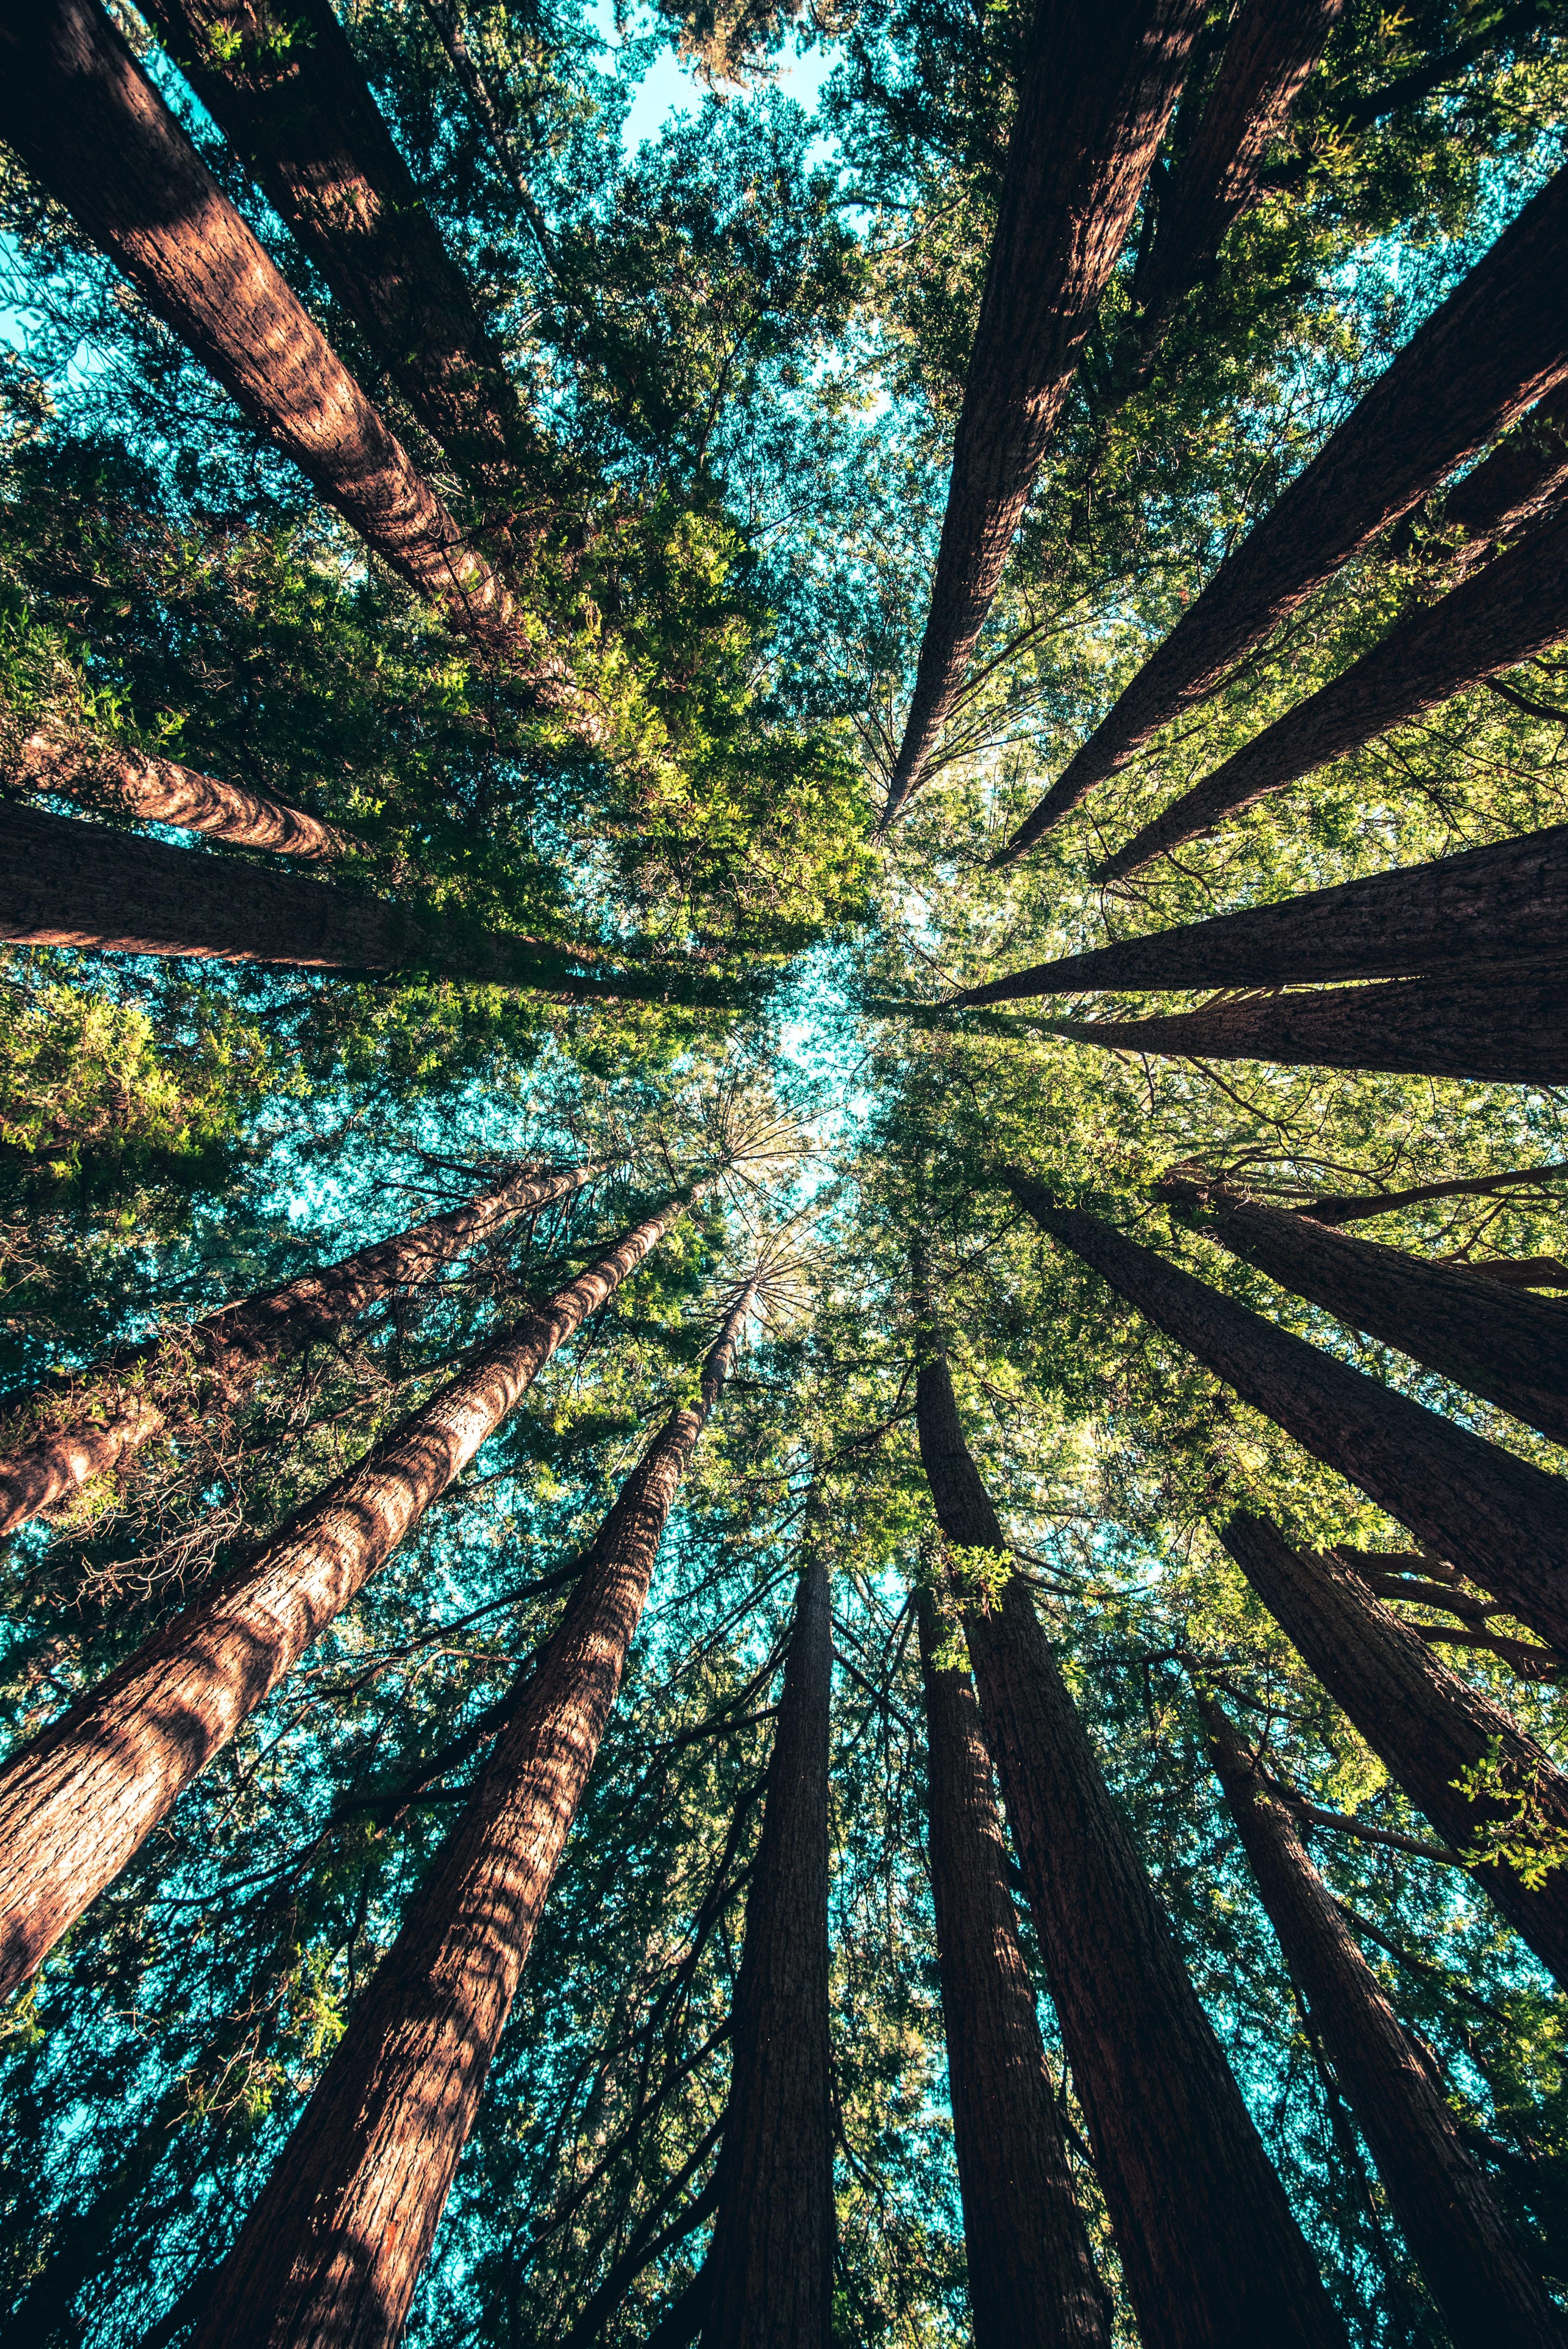 (Français) Réchauffement climatique : les forêts tropicales relâcheront du CO2 si les températures dépassent 32 °C